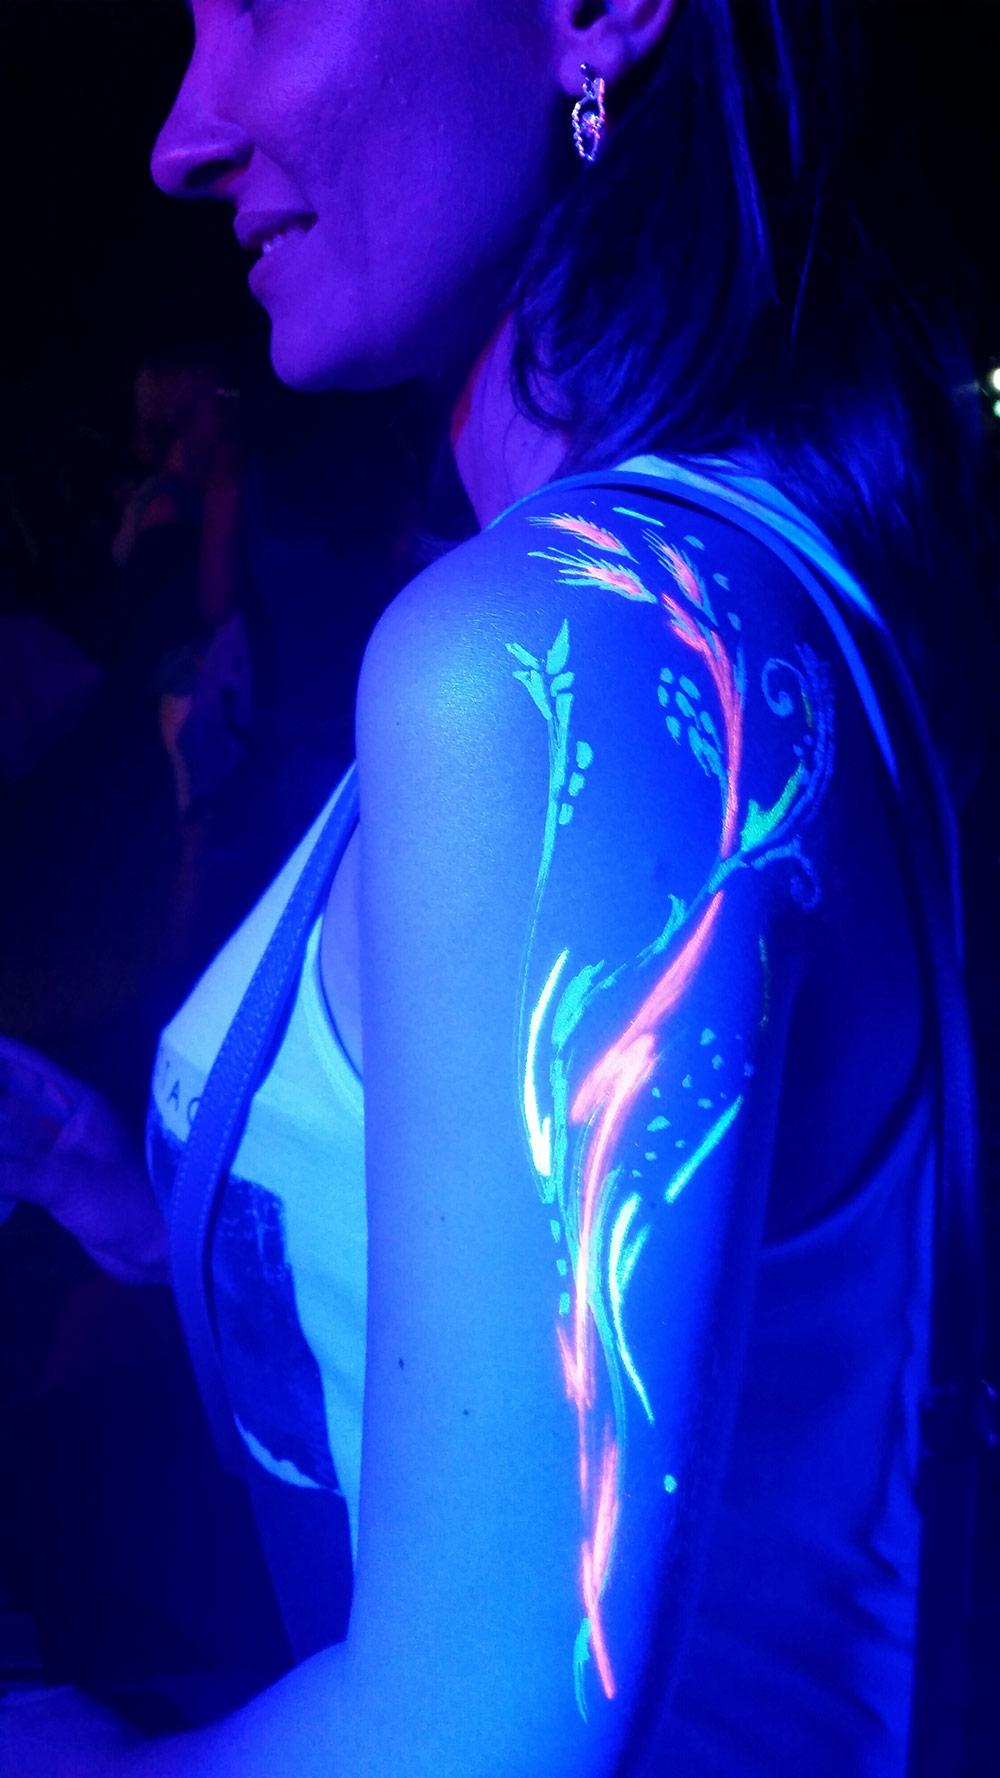 Le body painting est très apprécié par le public féminin du festival